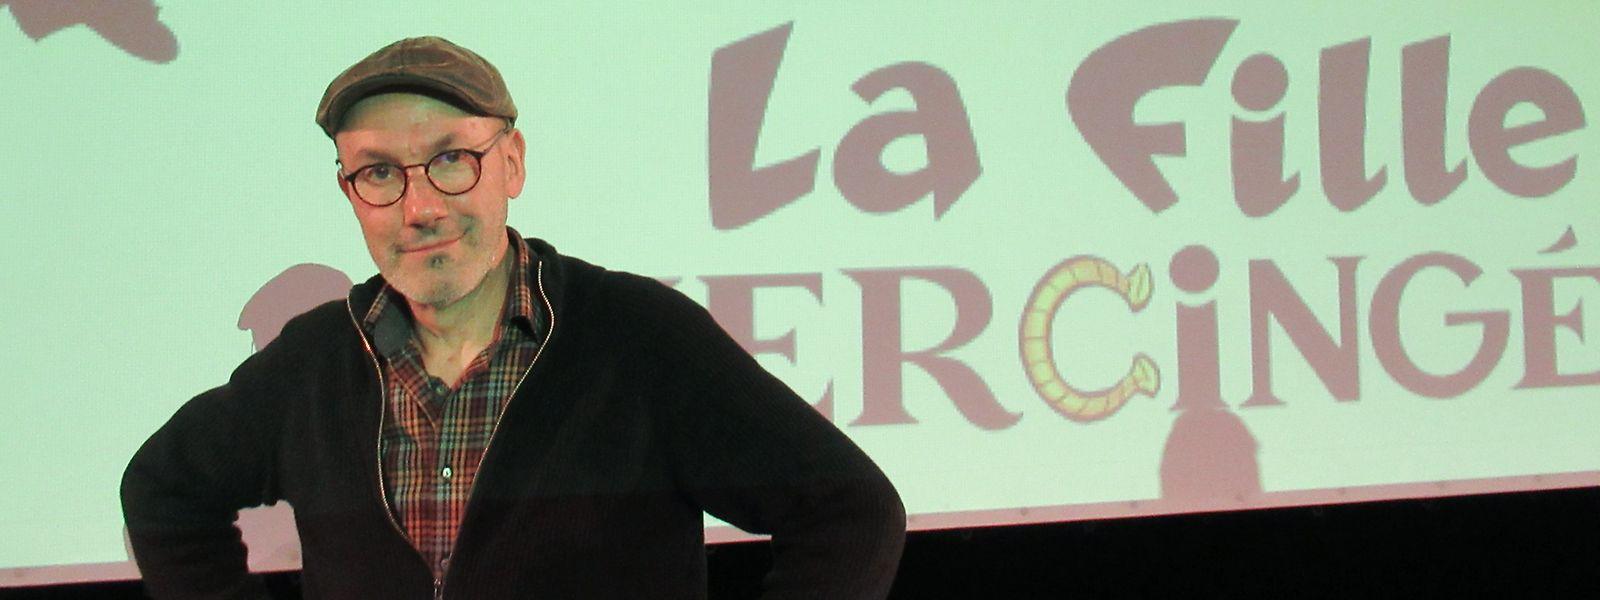 Jean-Yves Ferri, Autor des nächsten Comic-Abenteuers von Asterix und Obelix, erzählt bei der Vorstellung des neuen Heftes, das am 24. Oktober 2019 erscheinen soll, ein wenig von dem Inhalt.